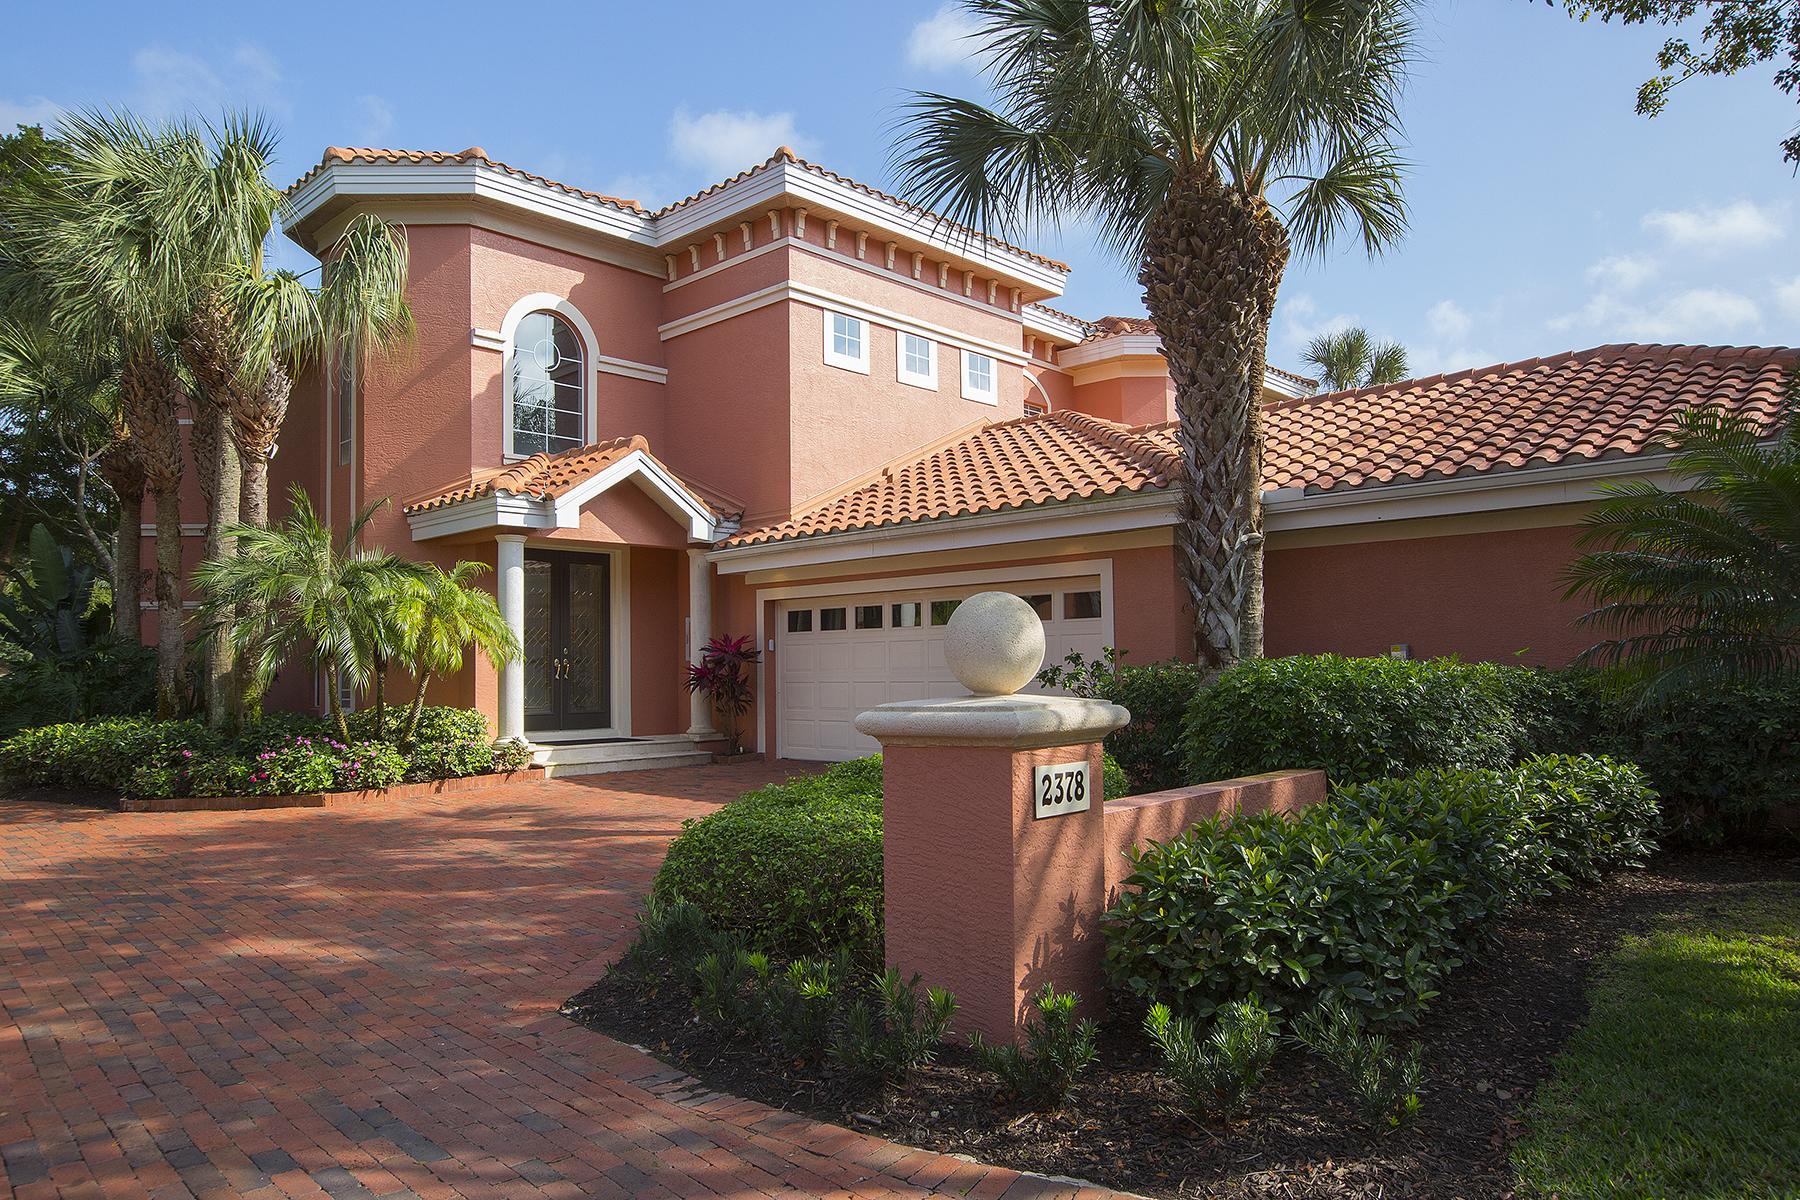 共管式独立产权公寓 为 销售 在 2370 Terra Verde Ln , 2378, Naples, FL 34105 2378 Terra Verde Ln 2378 那不勒斯, 佛罗里达州, 34105 美国